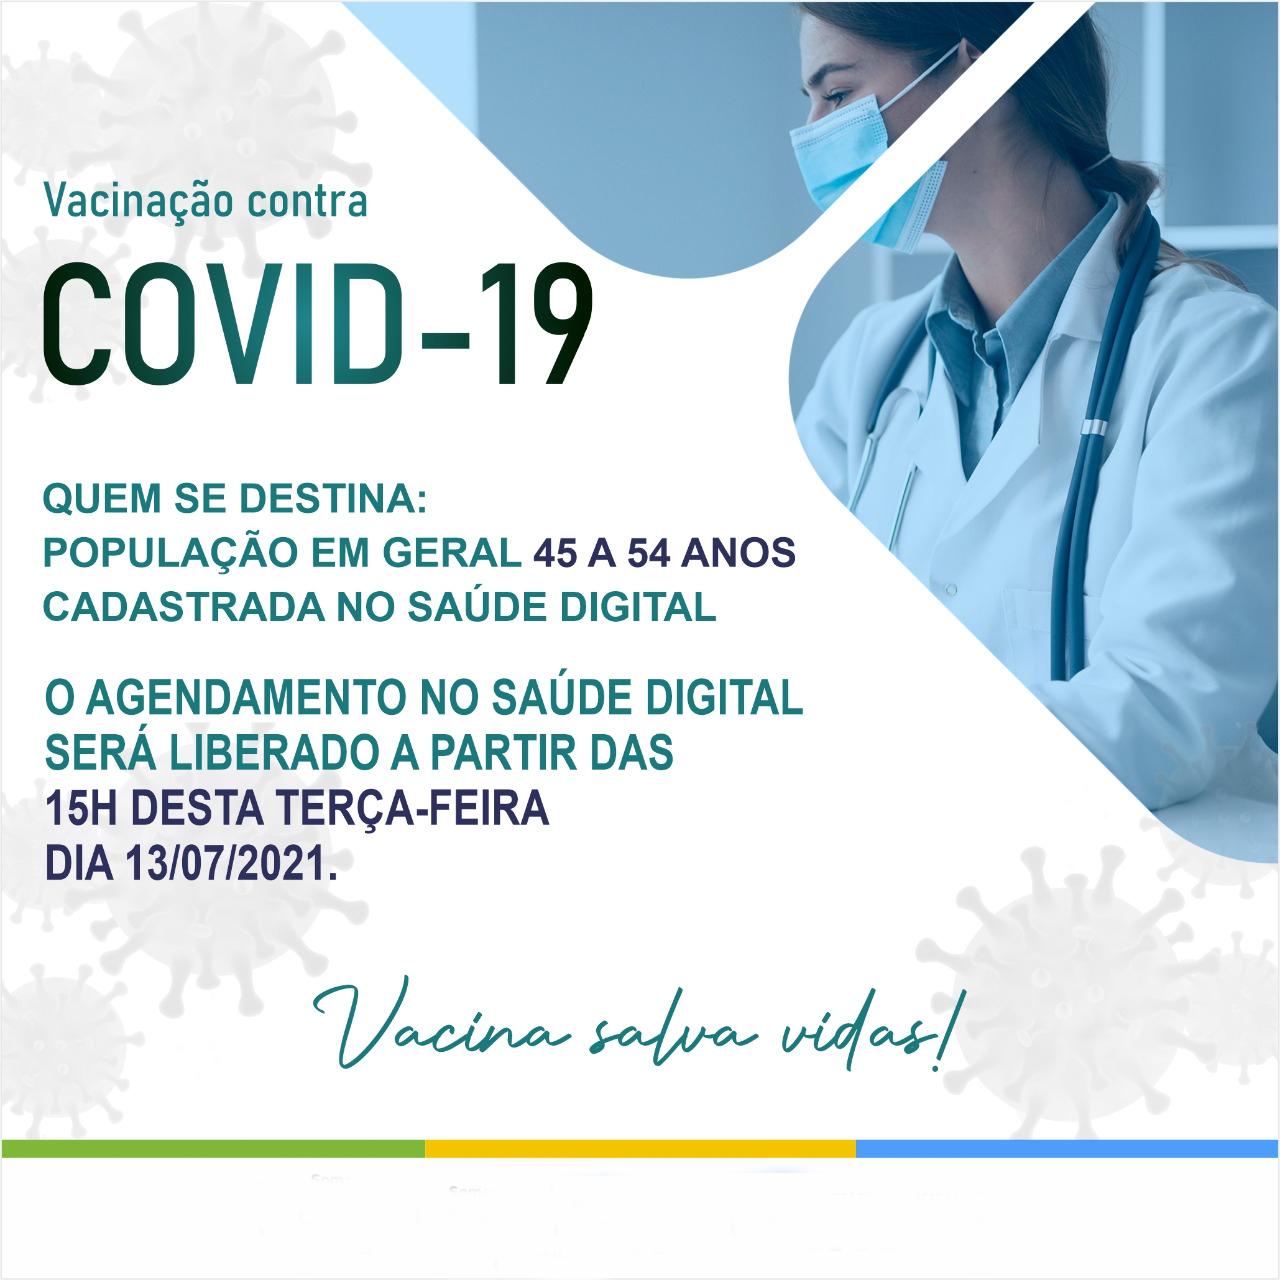 Aurora abre amanhã, terça-feira, agendamento para vacinar contra covid-19 população em geral de 45 a 54 anos